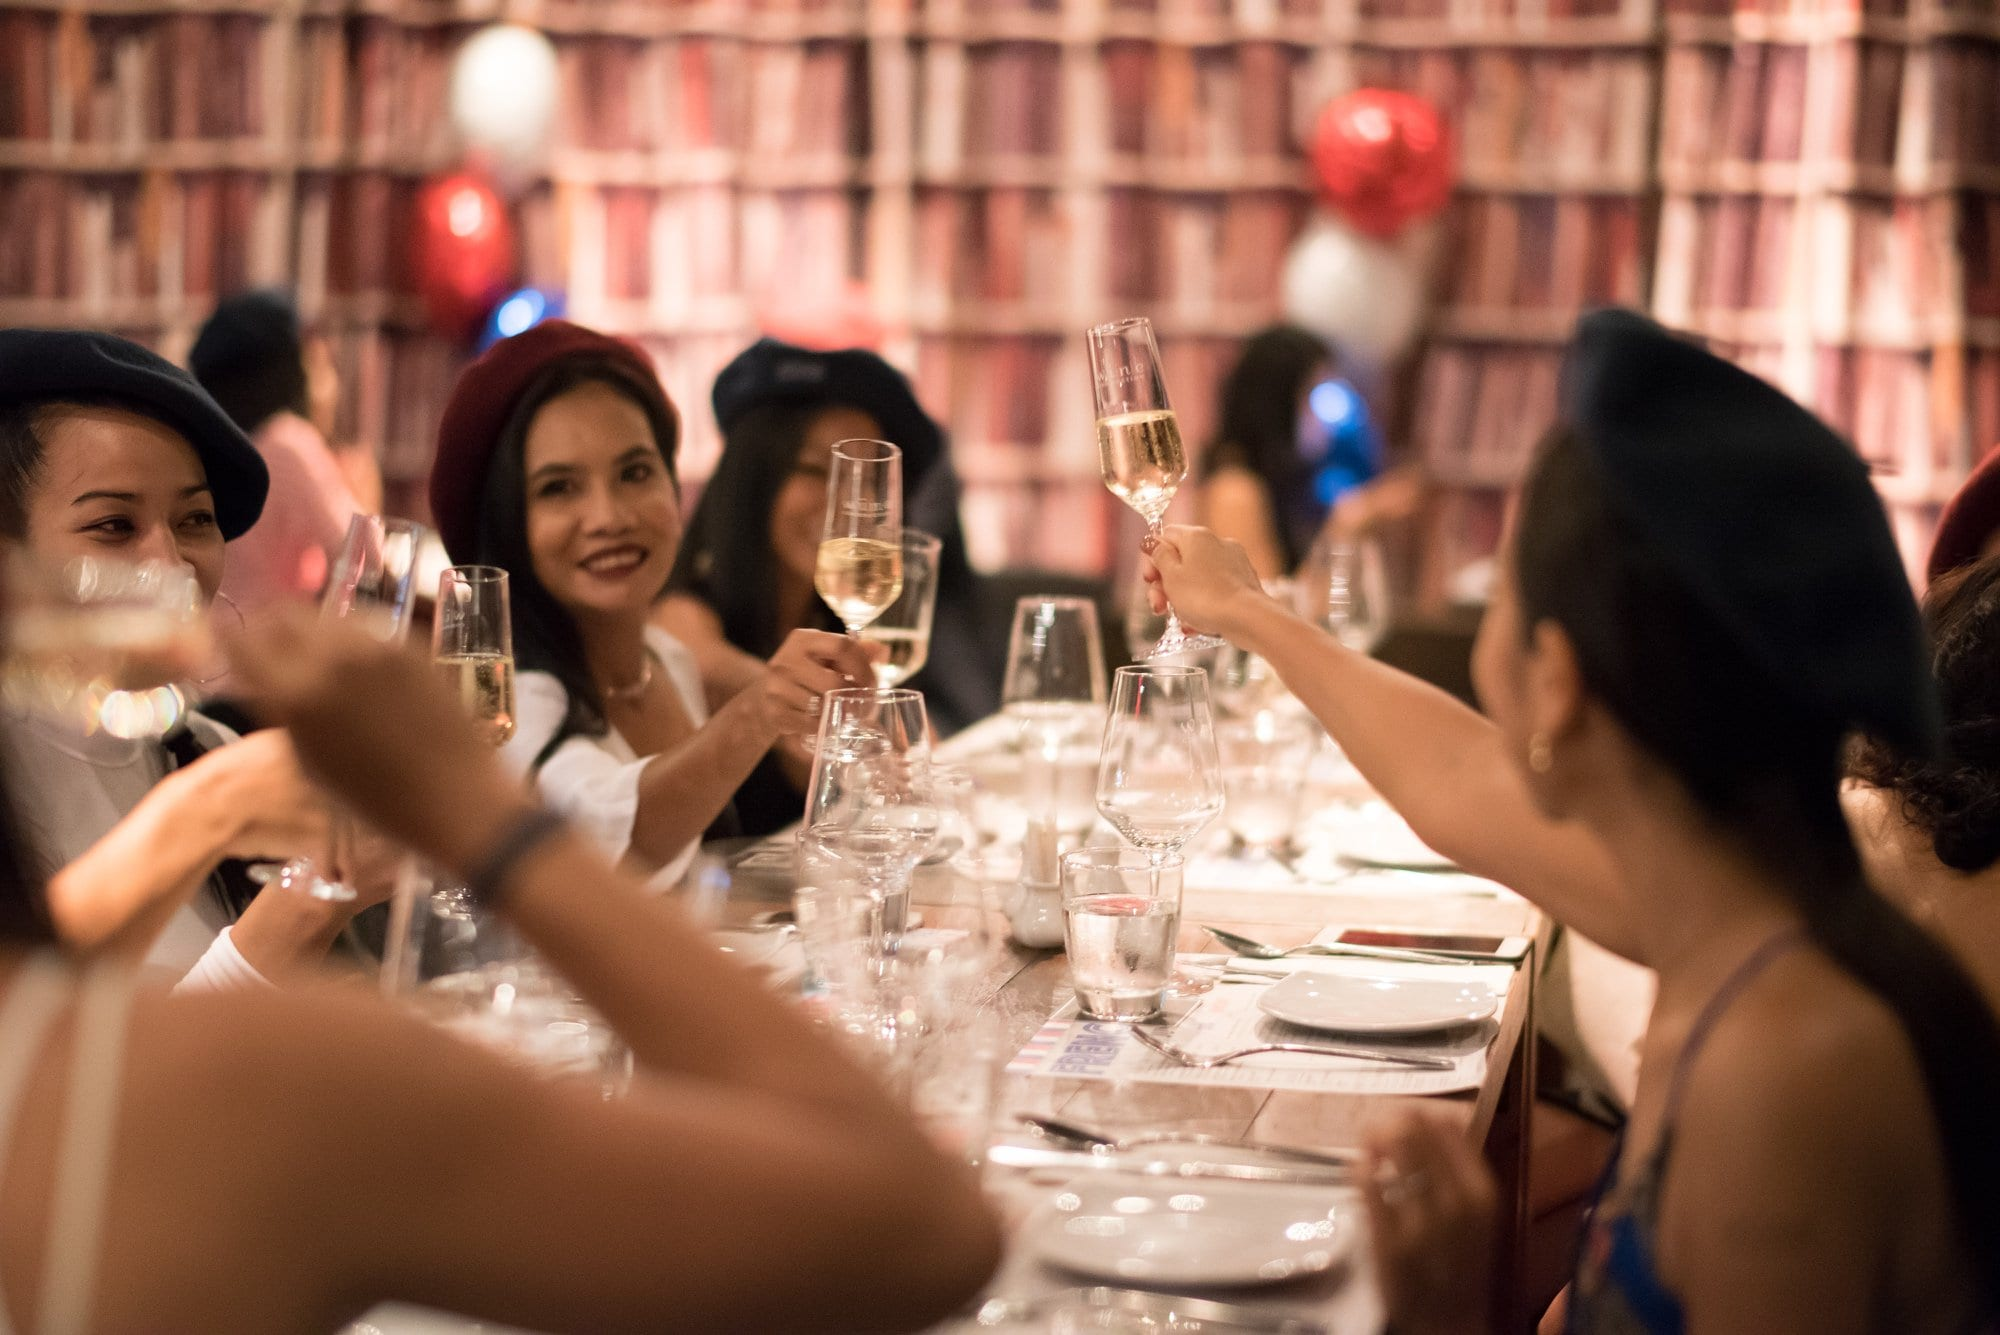 ร้านอาหารวันเกิด Triple Two Silom ร้านอาหารวันเกิด ร้านอาหารบรรยากาศดี จัดงานวันเกิด สถานที่จัดงานวันเกิด โปรวันเกิด โปรโมชั่น วันเกิด โปรวันเกิด ร้านอาหาร โปรวันเกิด 2018 ร้านอาหารน่านั่ง ร้านอาหารโรแมนติก กรุงเทพ ไม่แพง